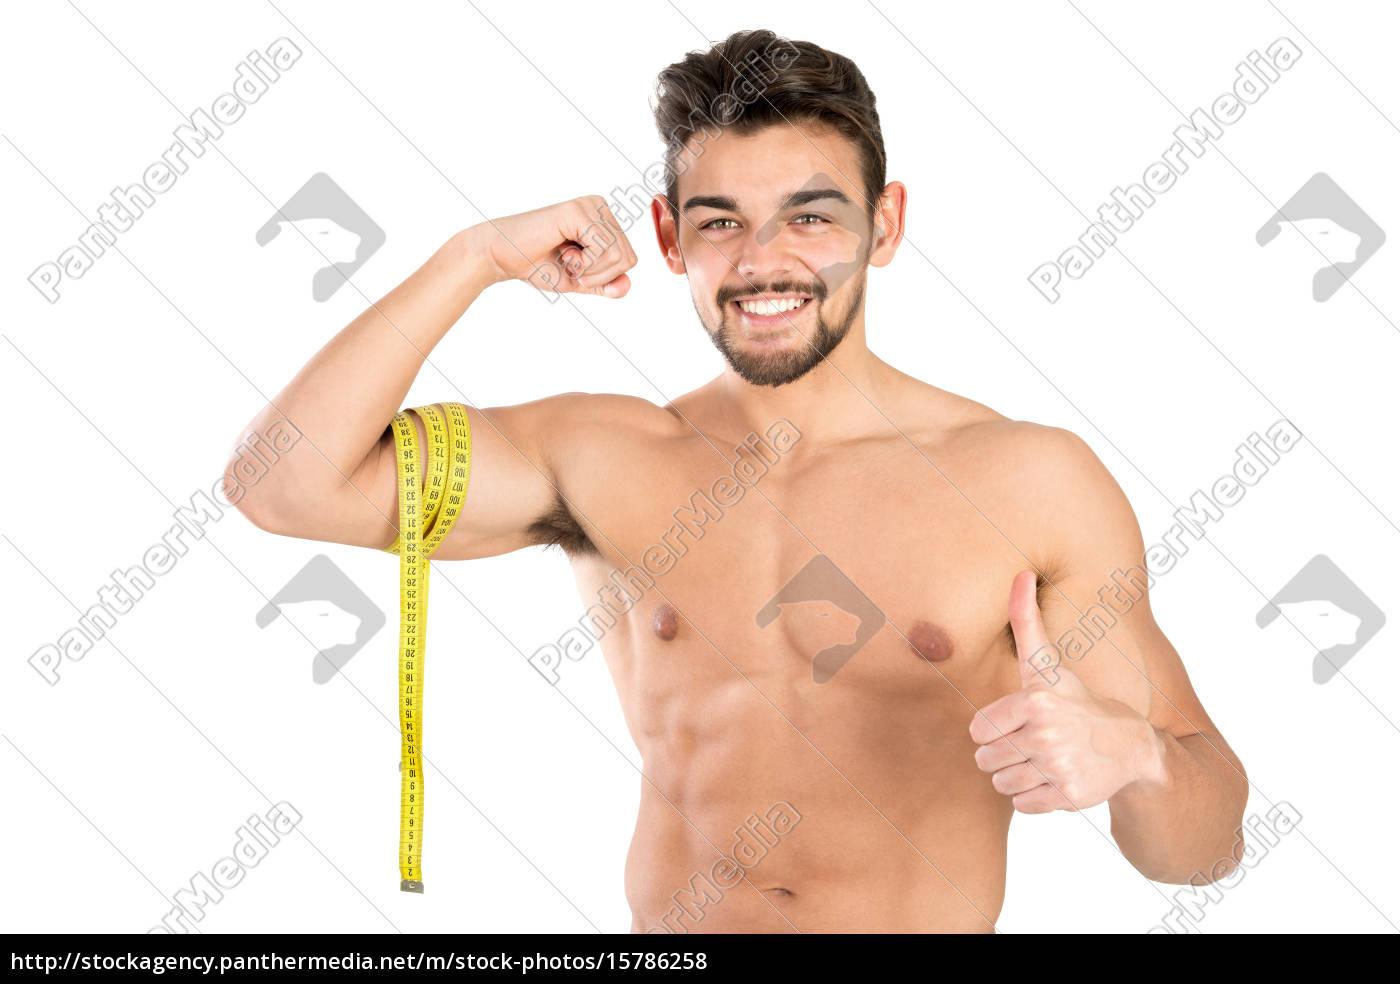 biceps - 15786258